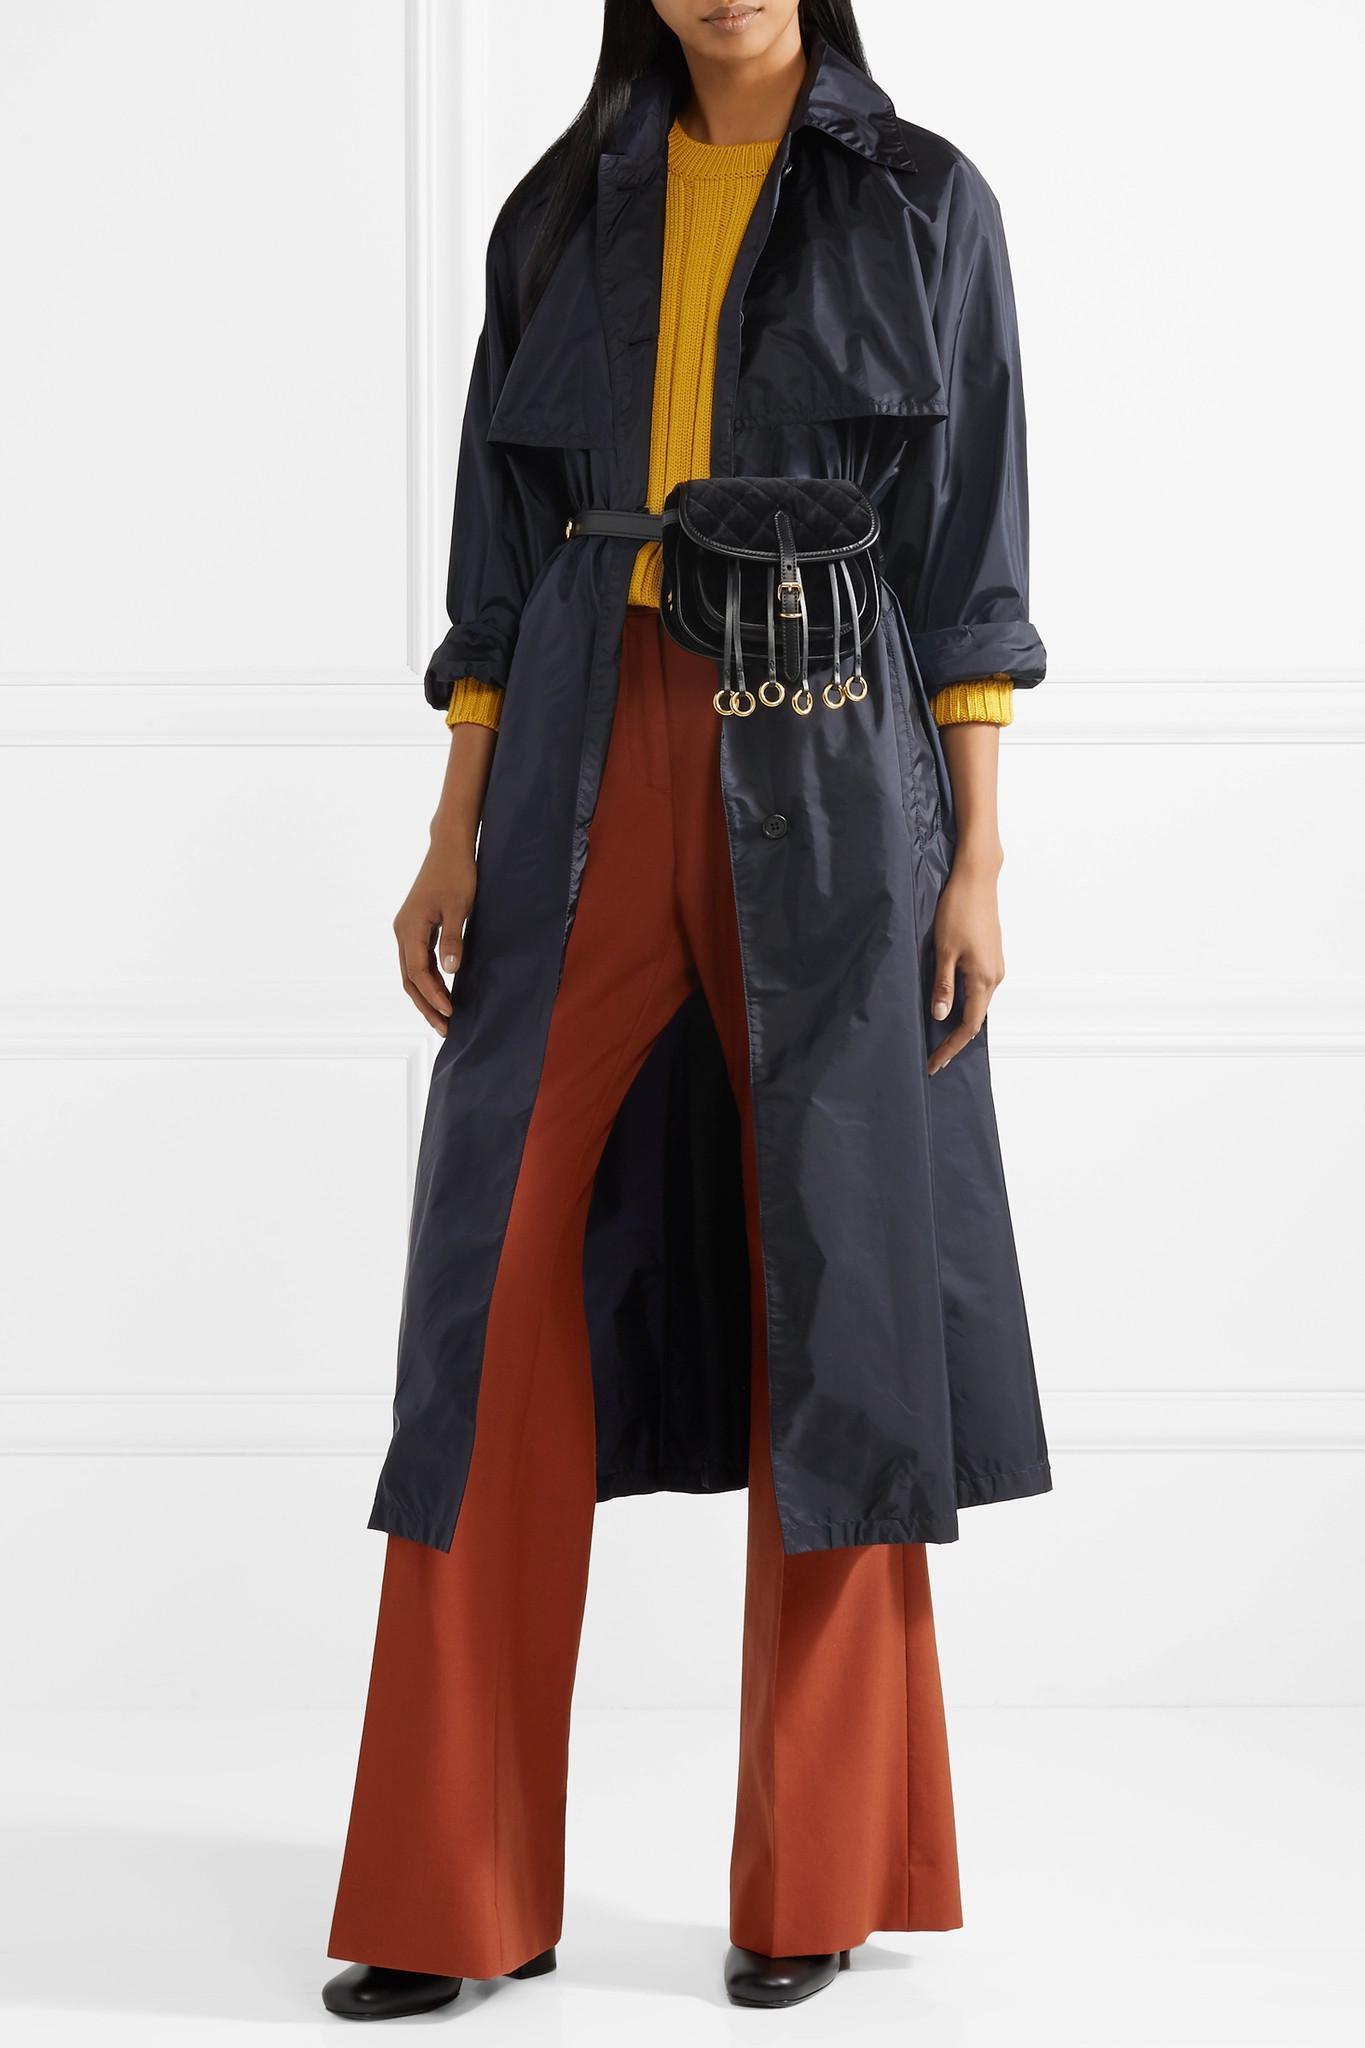 d5a85c3a47d2 Lyst - Prada Leather-trimmed Quilted Velvet Belt Bag in Black